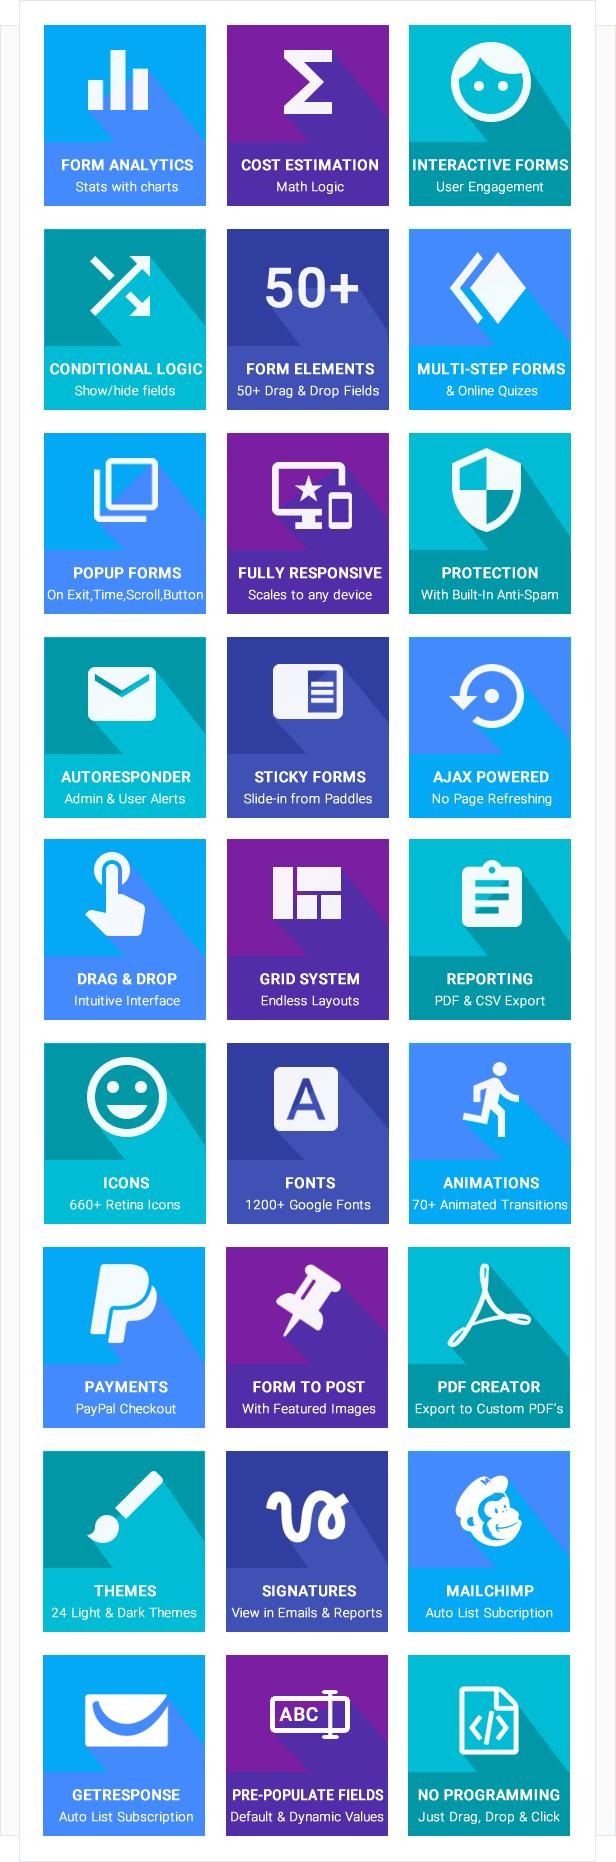 PDF Creator for NEX-Forms | Prosyscom Tech